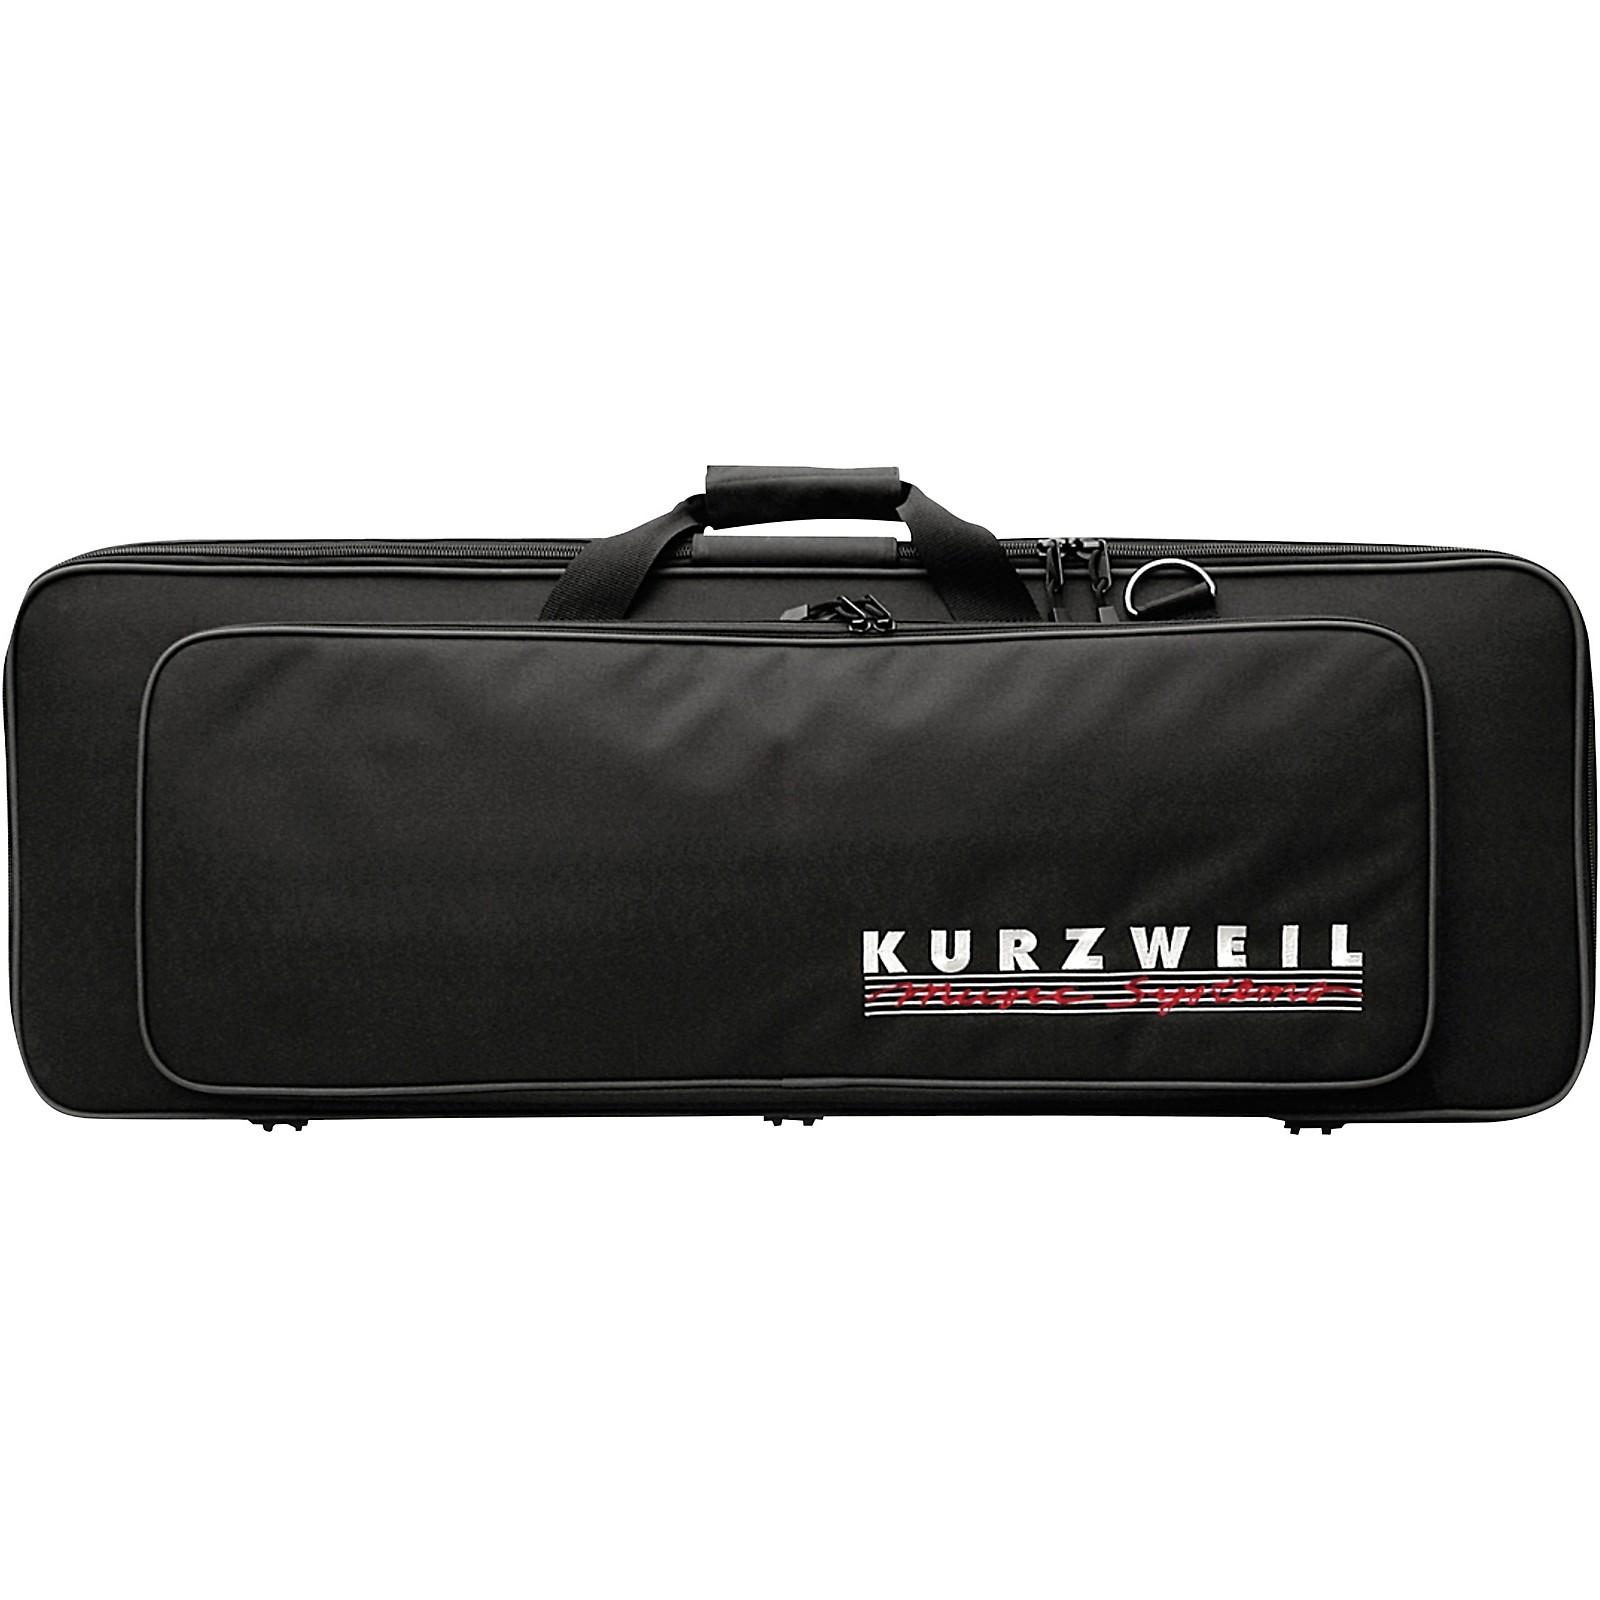 Kurzweil KB61 Series Gig Bag